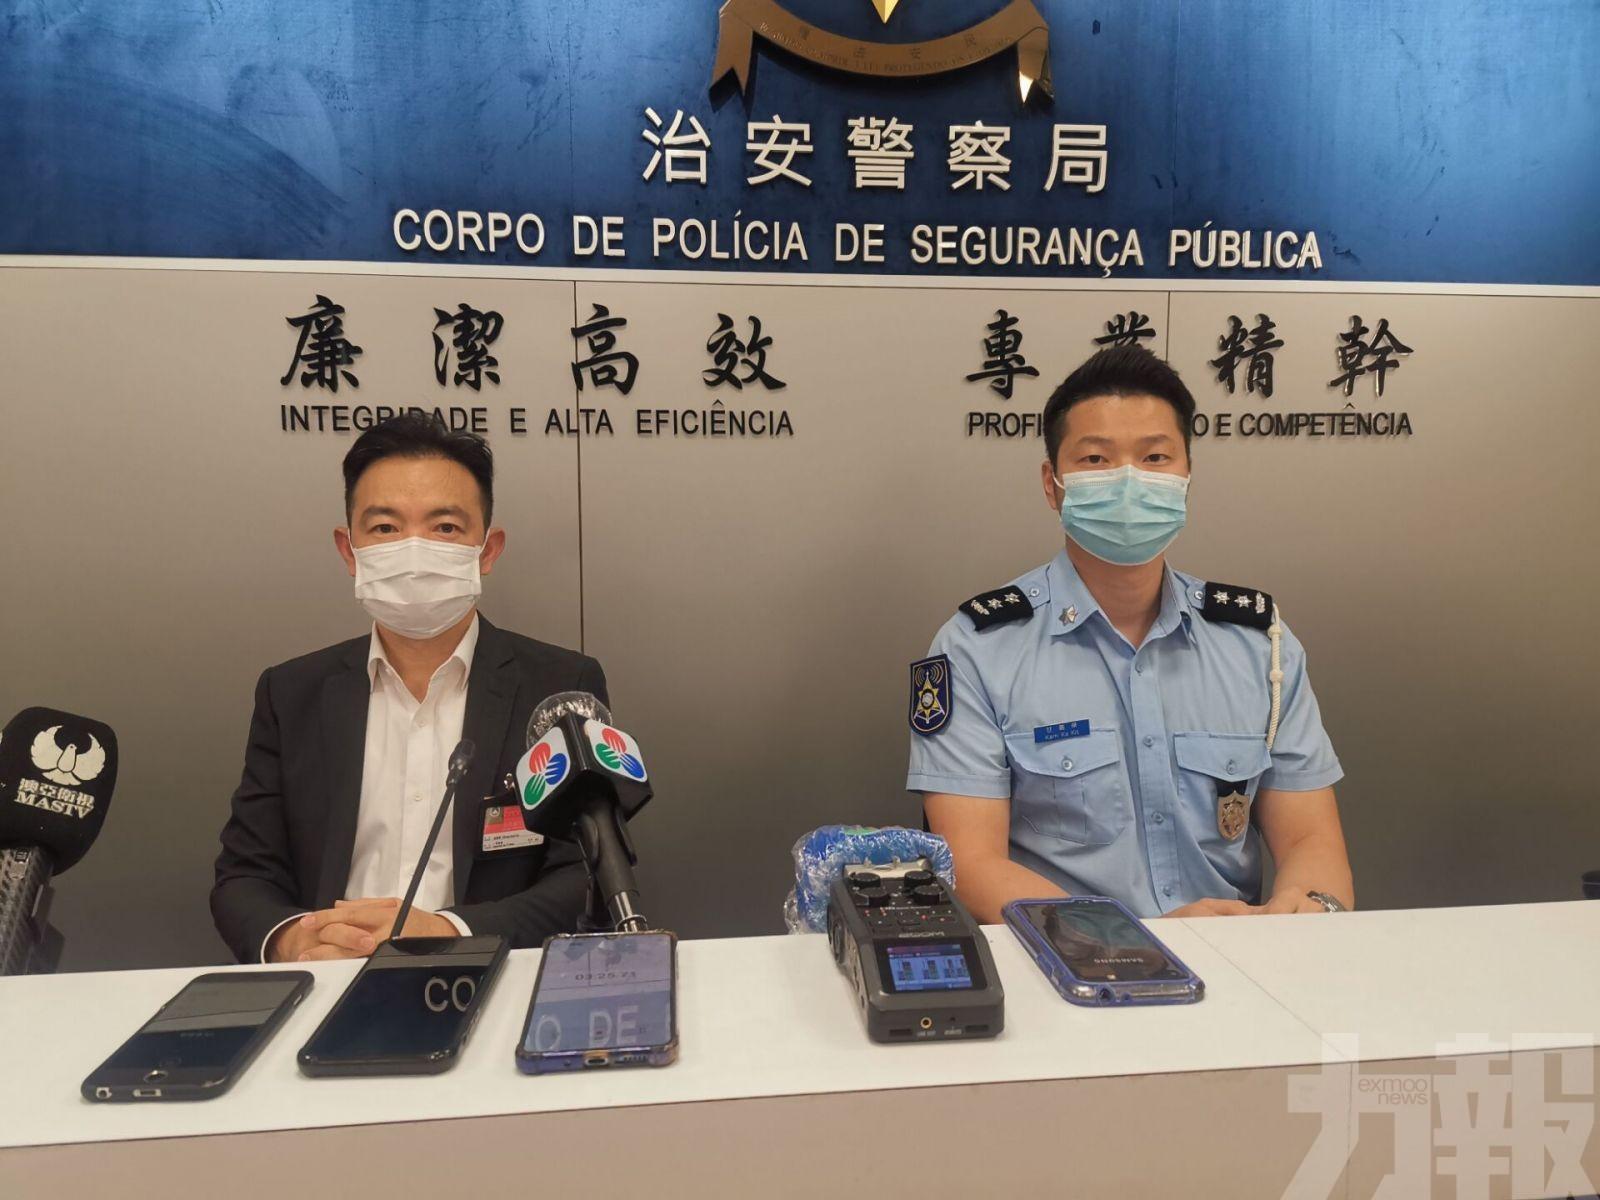 衛生局職員再被捕送法辦